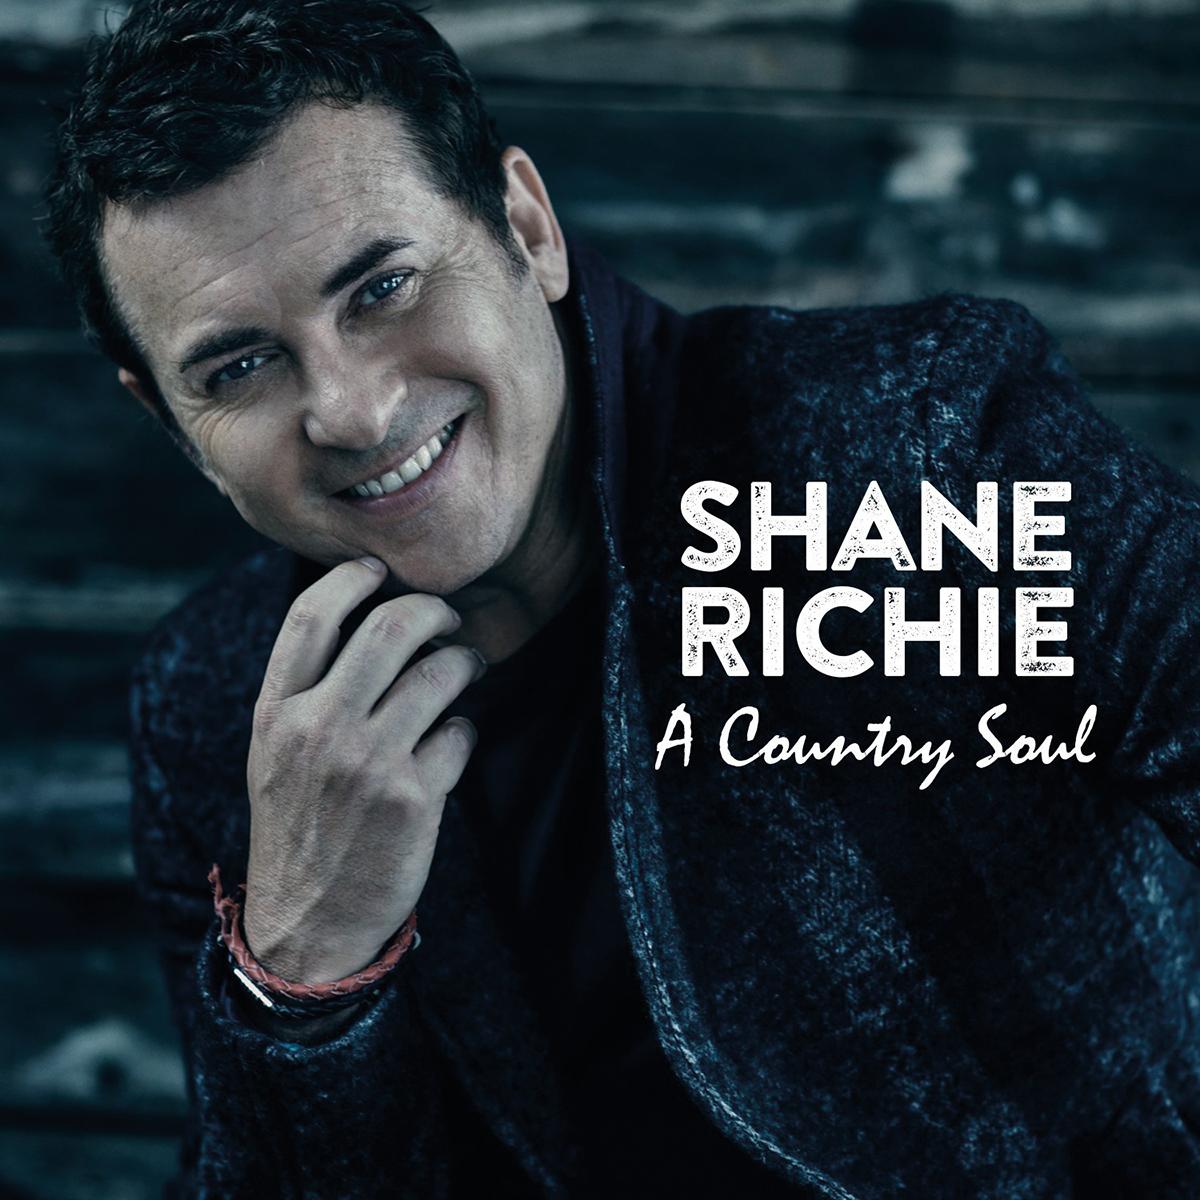 shane richie